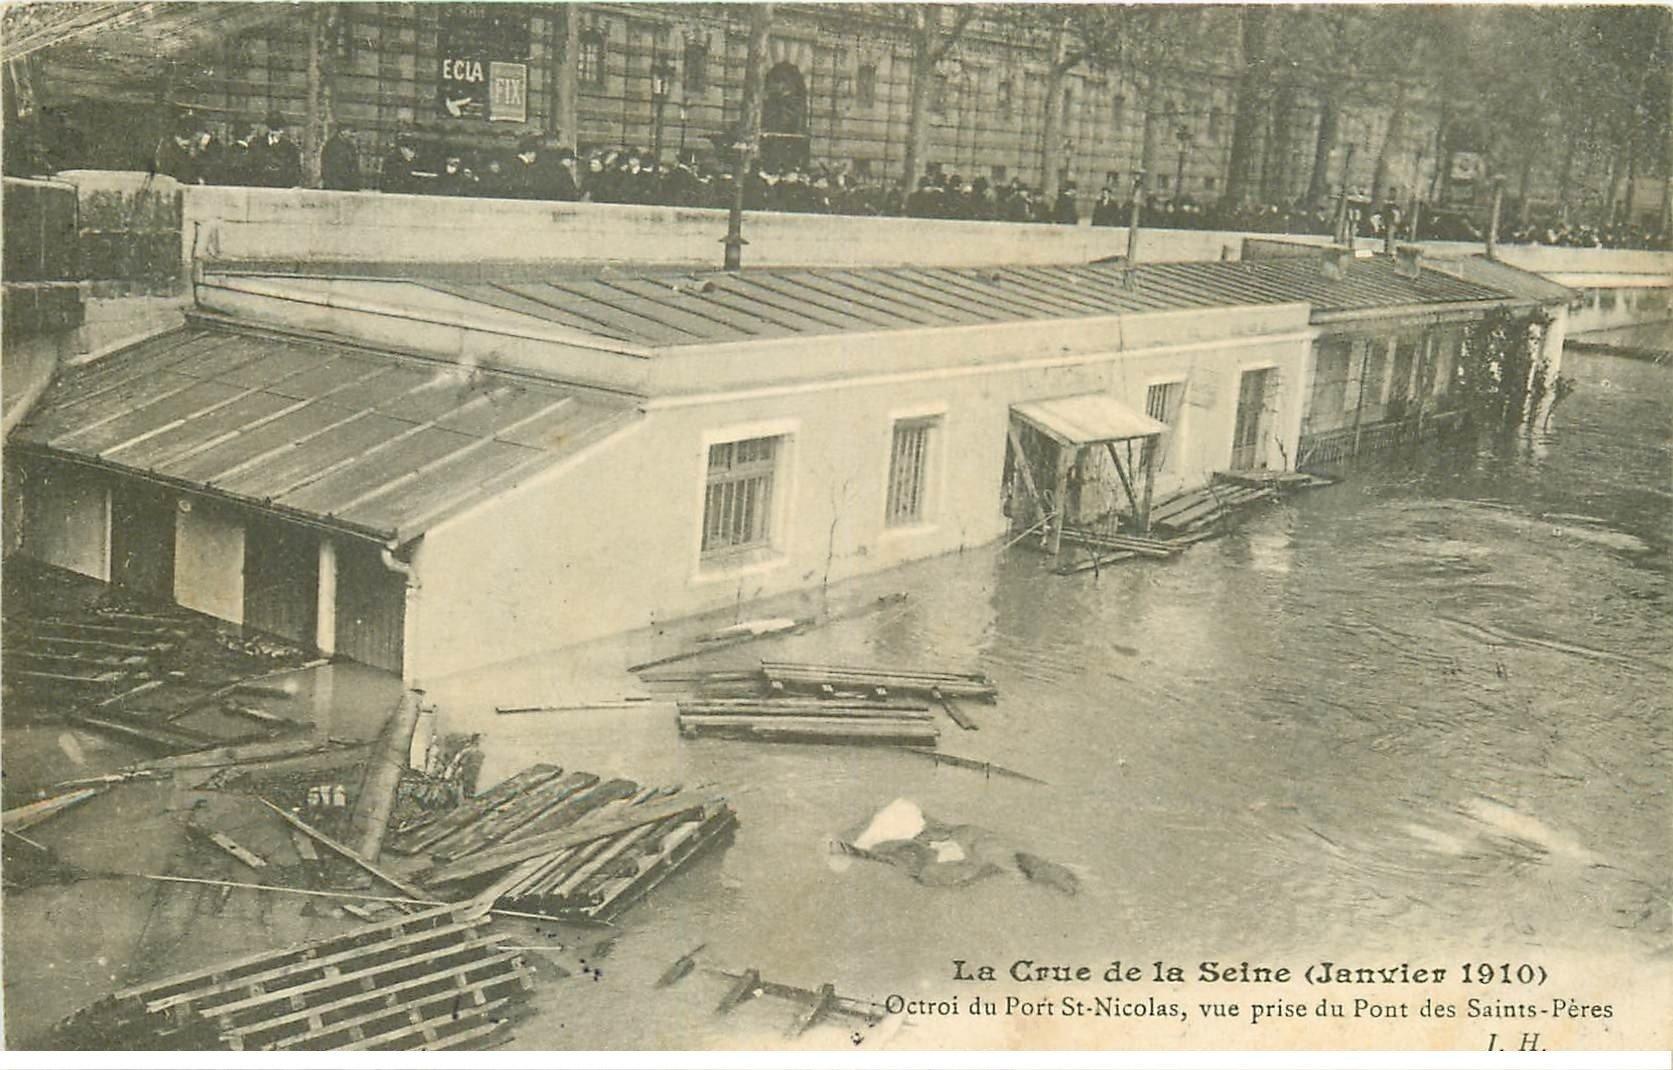 carte postale ancienne INONDATION ET CRUE DE PARIS 1910. Octroi Port Saint-Nicolas